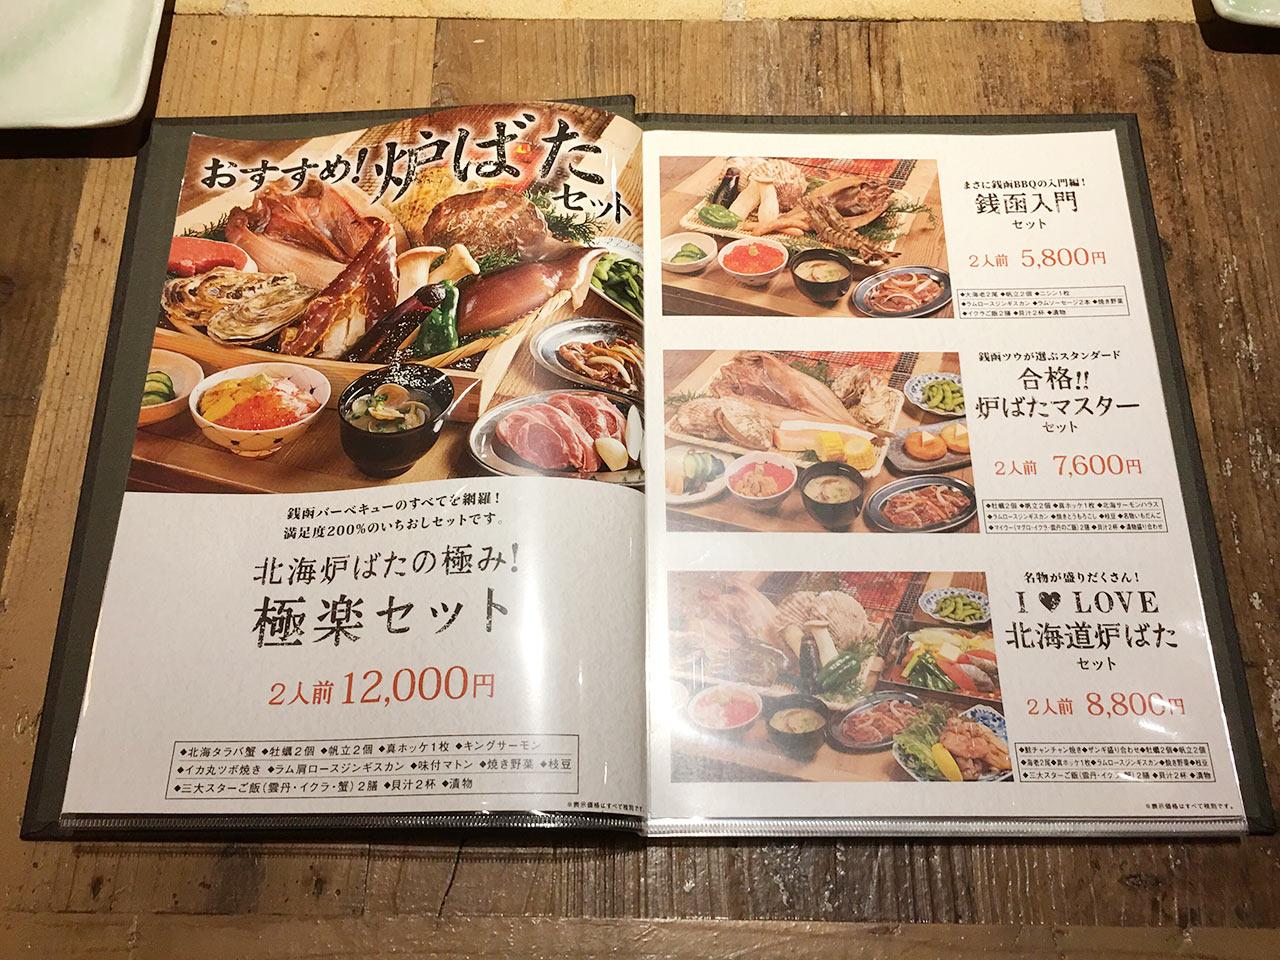 shinbashi-zenibako-bbq-menu01